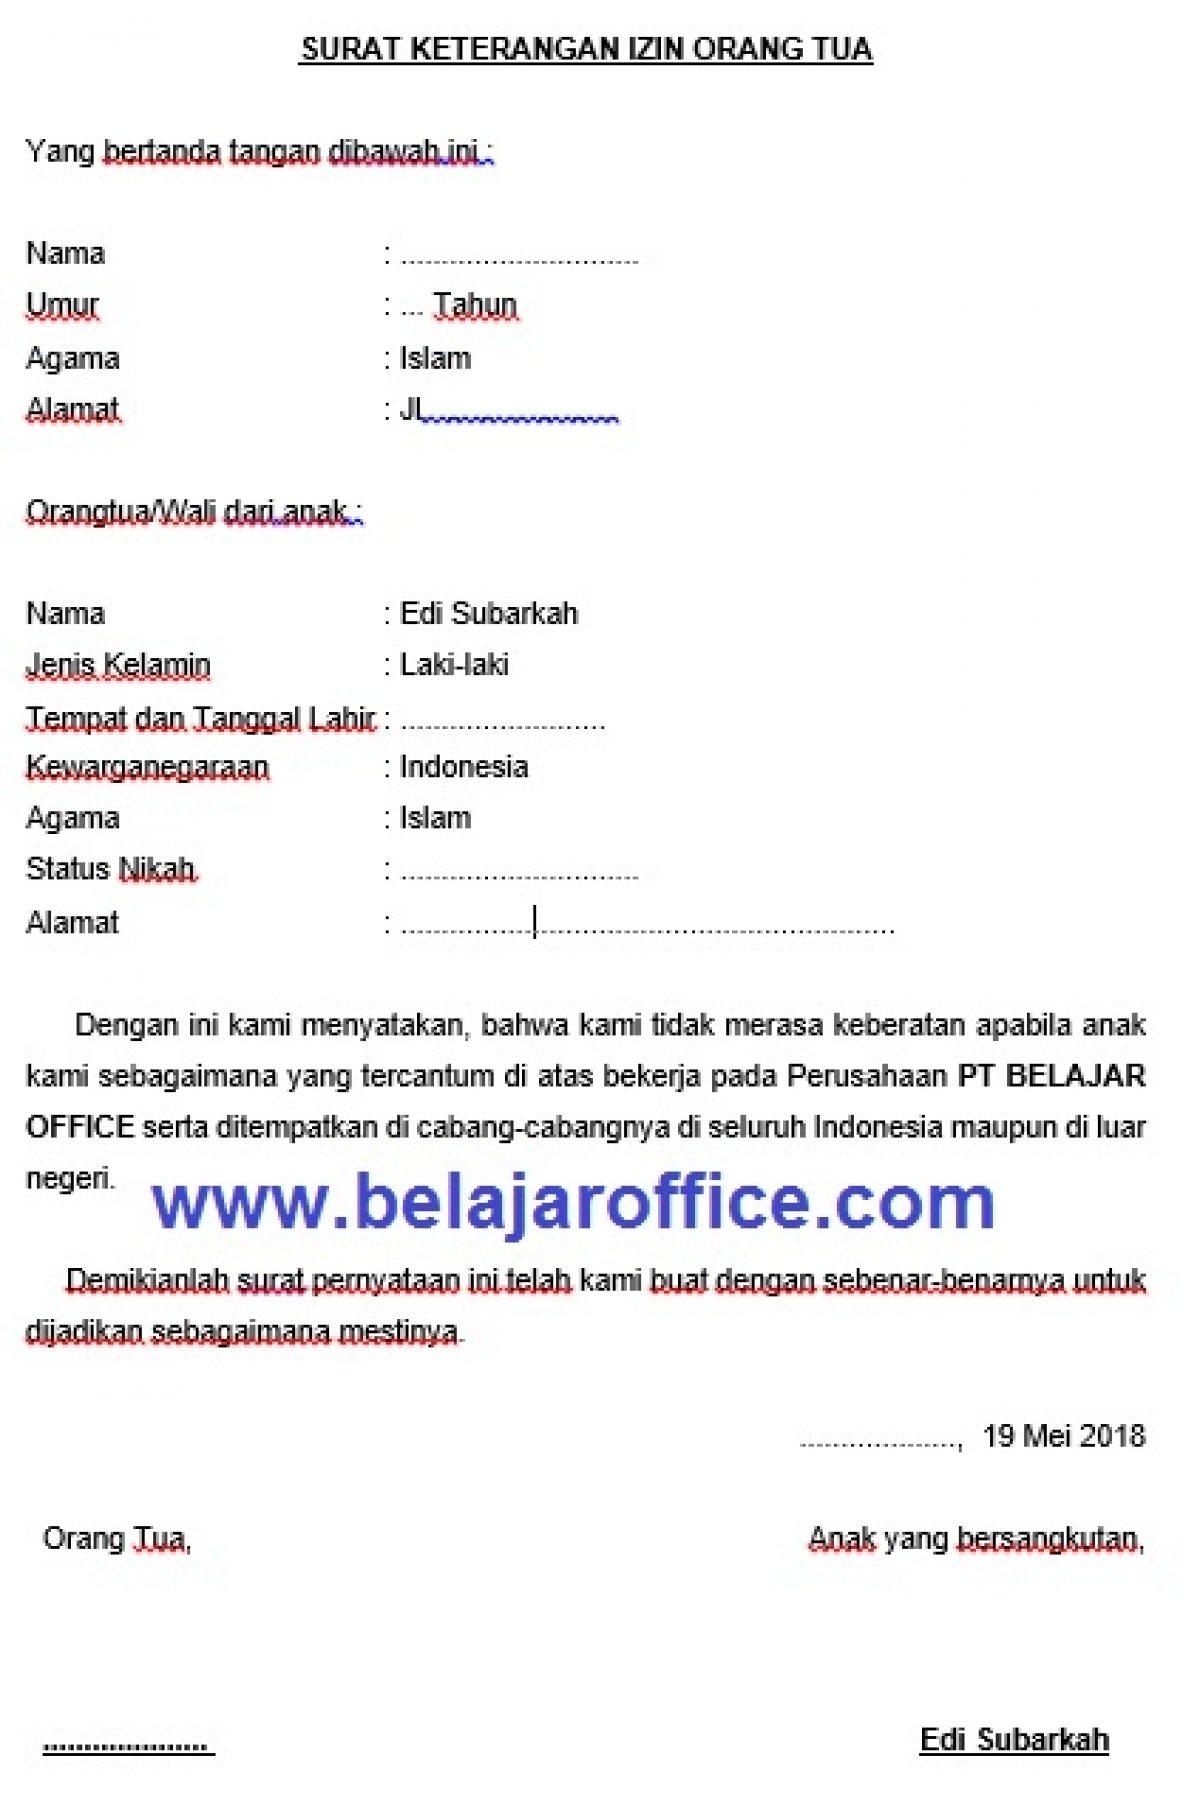 Contoh Surat Izin Orang Tua Untuk Bekerja Di Perusahaan Belajar Office